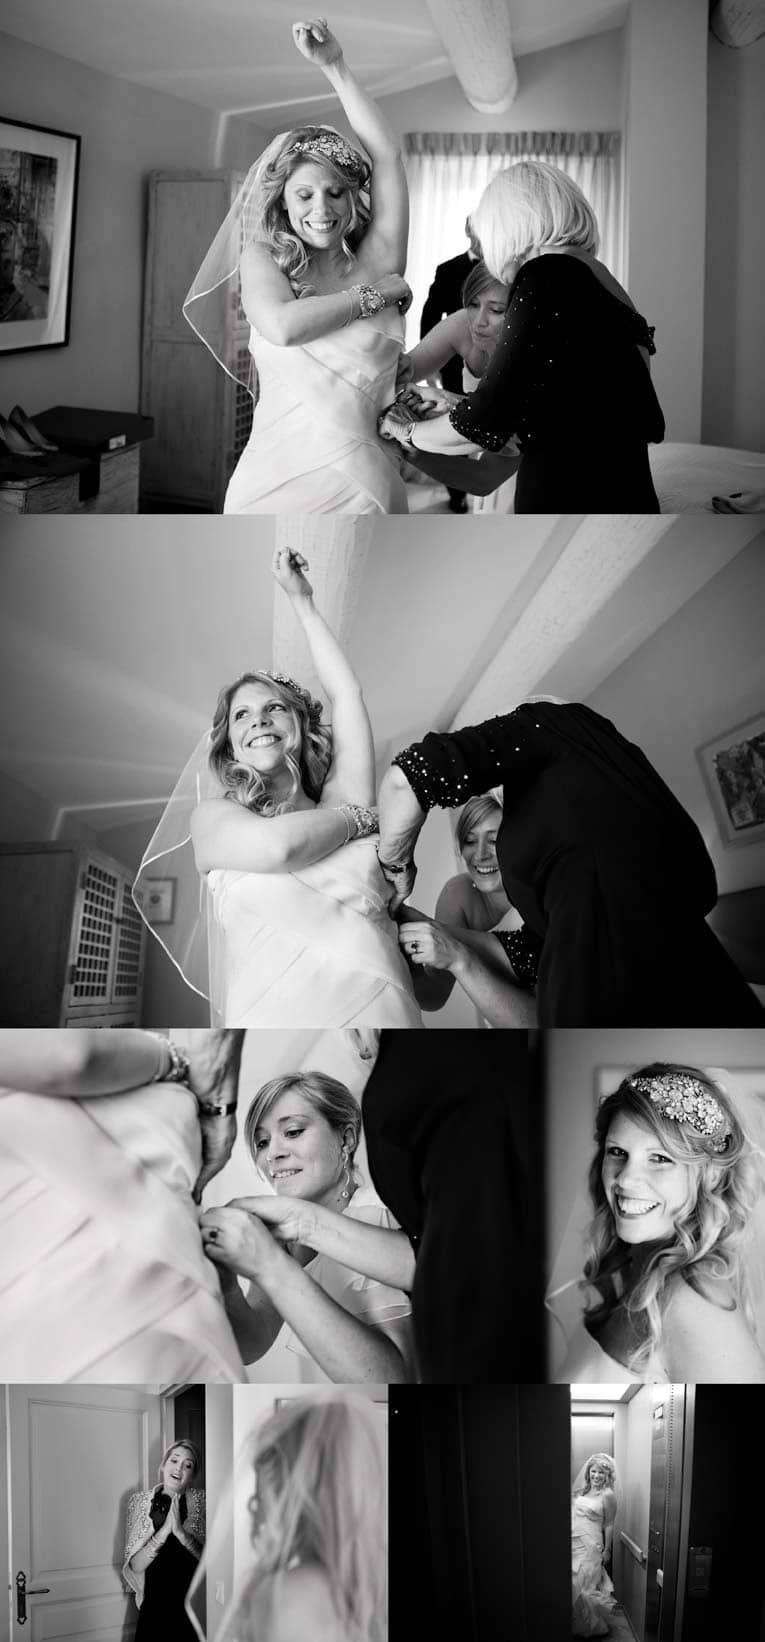 wedding-luberon-provence-11